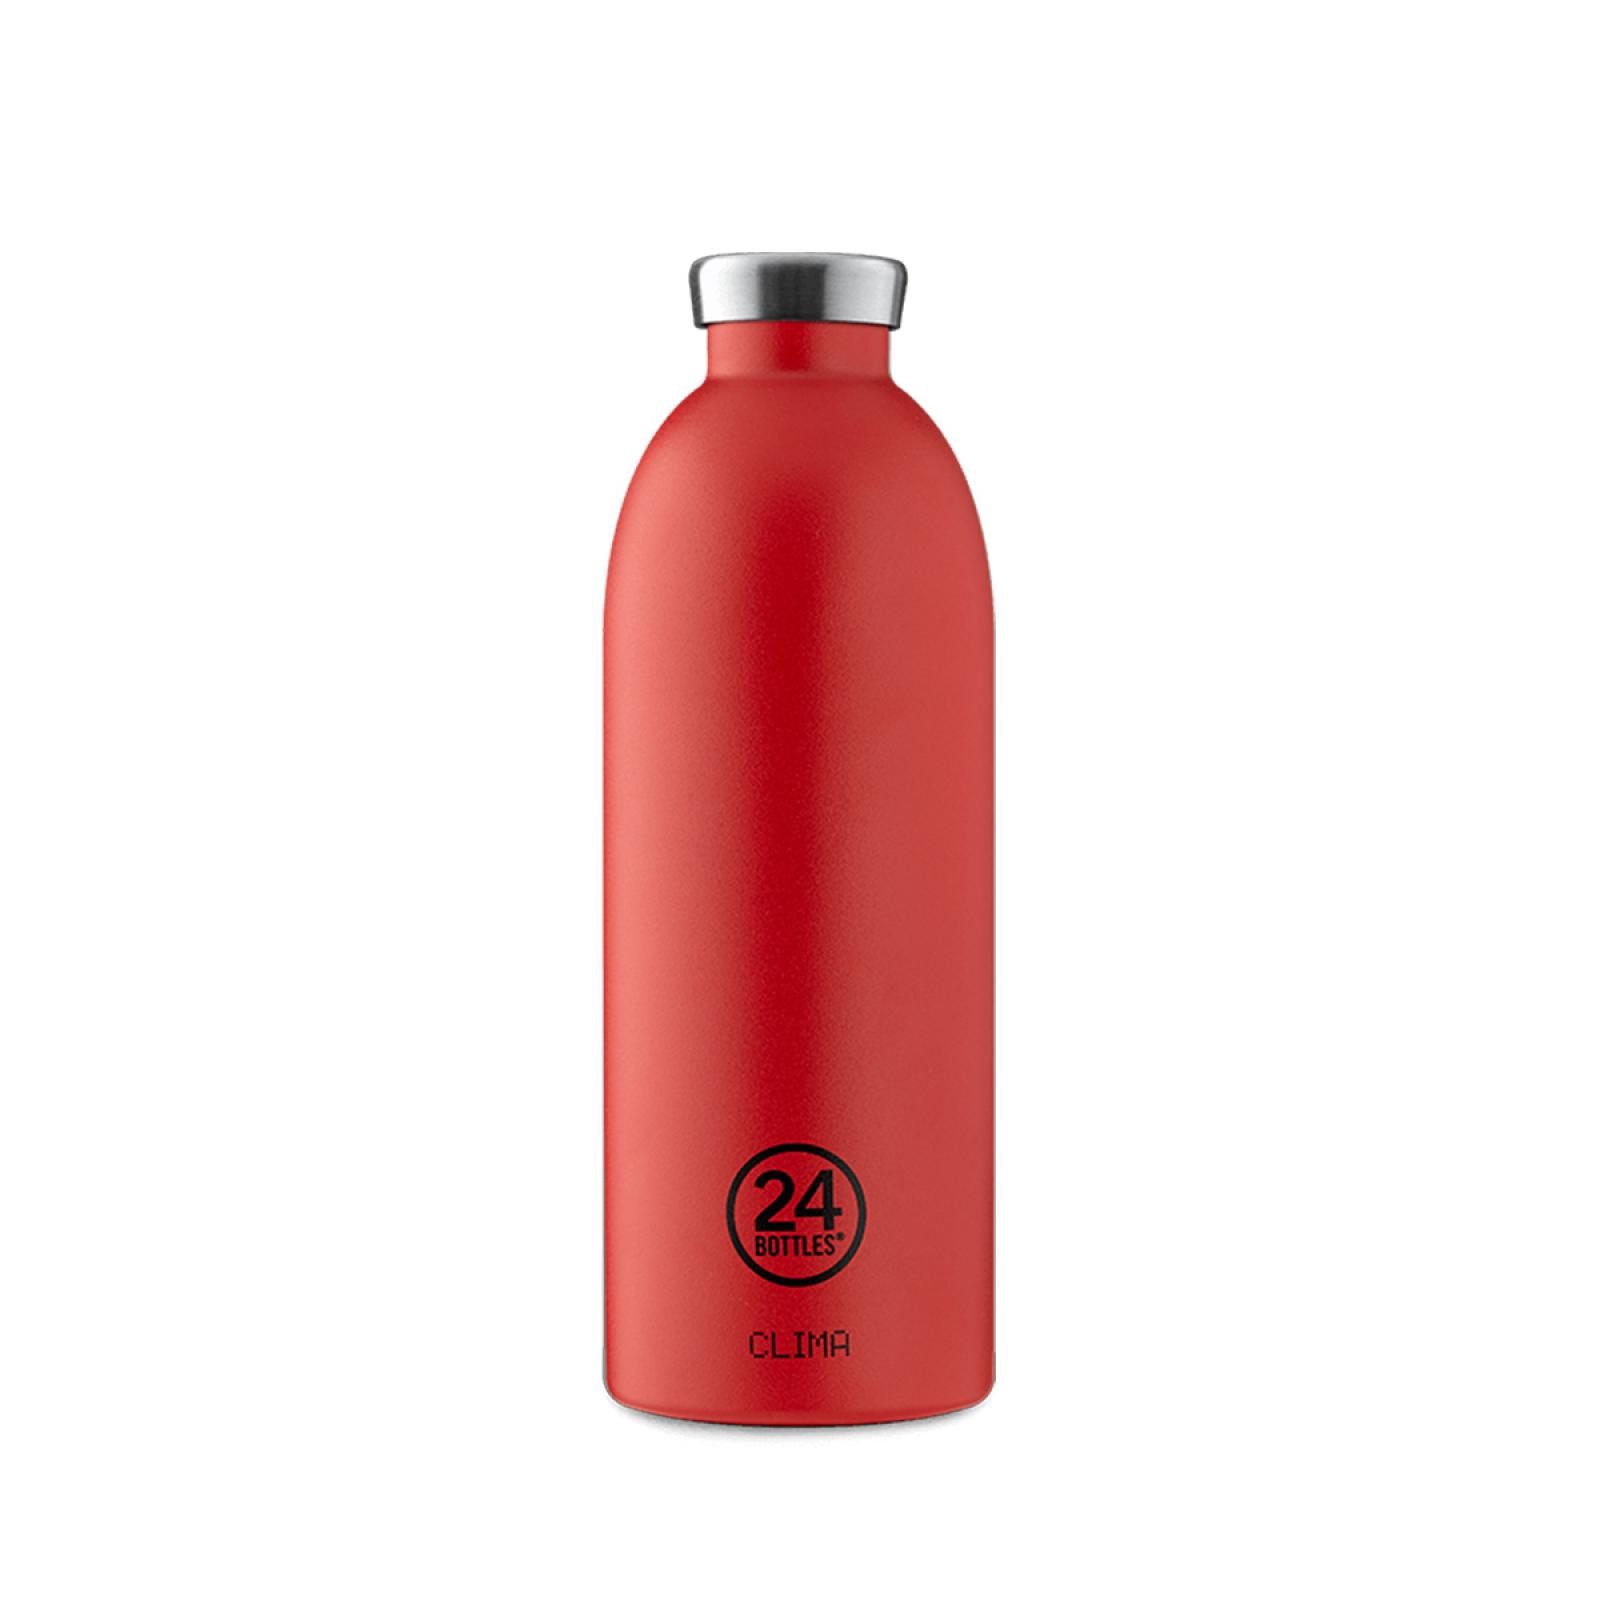 24 Bottles Clima Bottle Hot Red 850 ml - 1